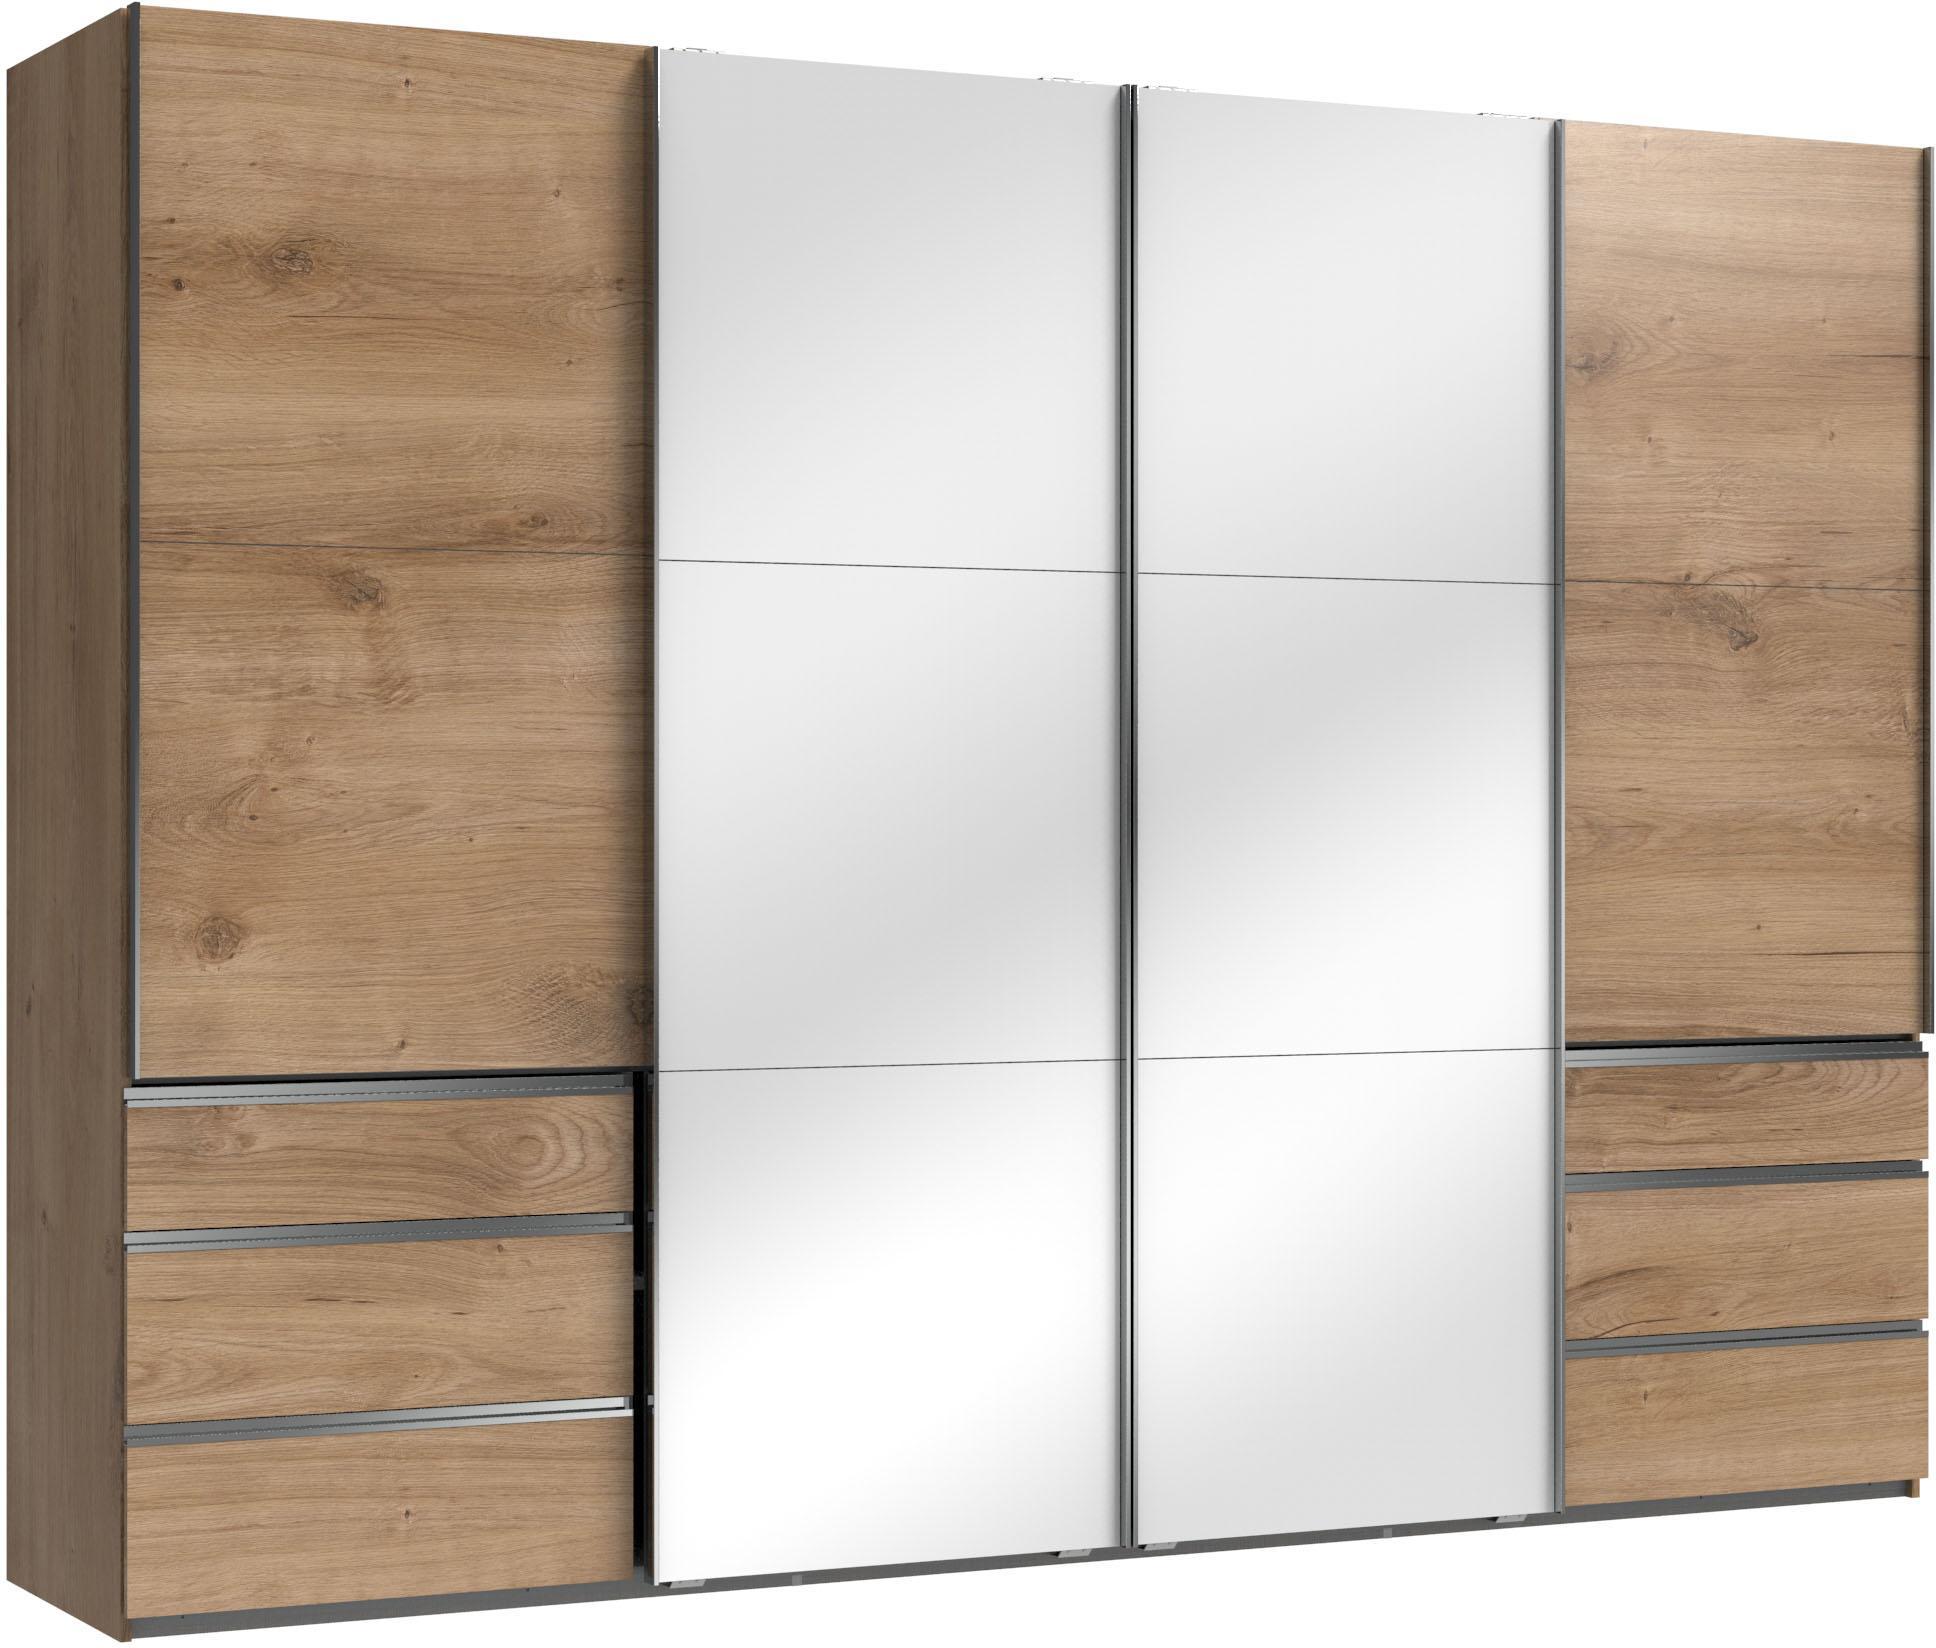 Fresh To Go Schwebetürenschrank »Level«, mit Glastüren und Synchronöffnung | Schlafzimmer > Kleiderschränke > Schwebetürenschränke | Glas - Leinen | FRESH TO GO